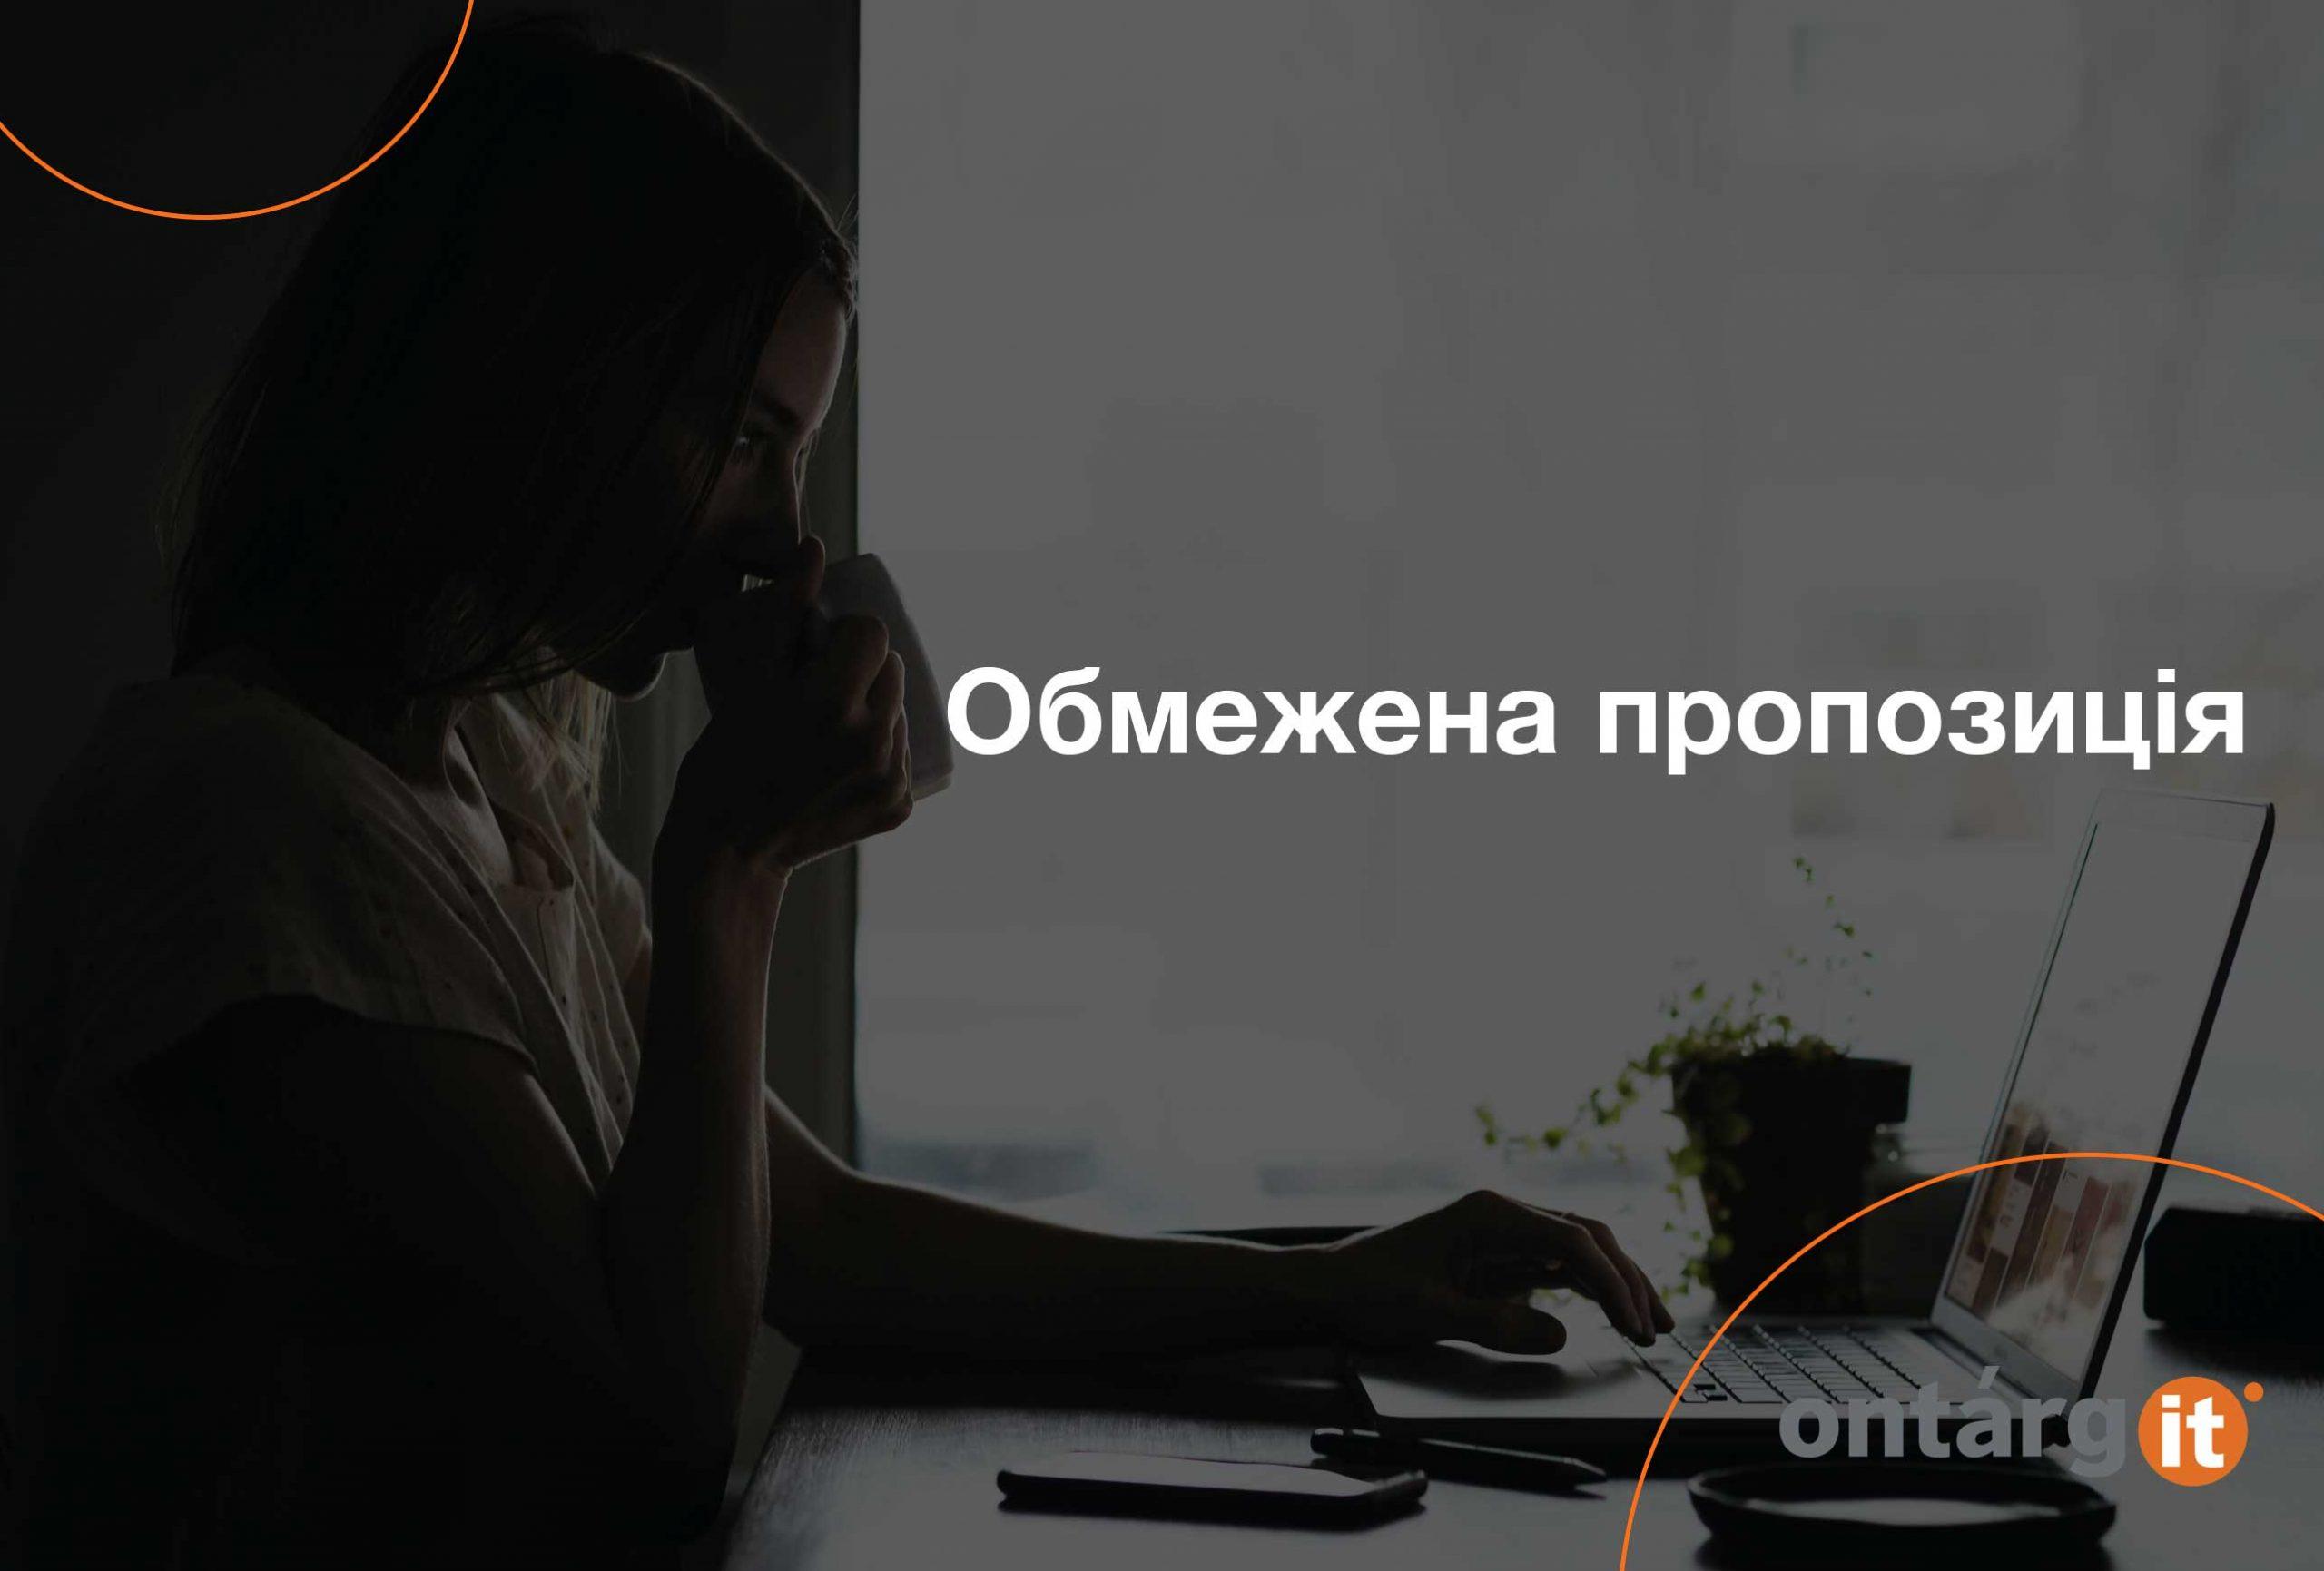 обмежена_пропозиція